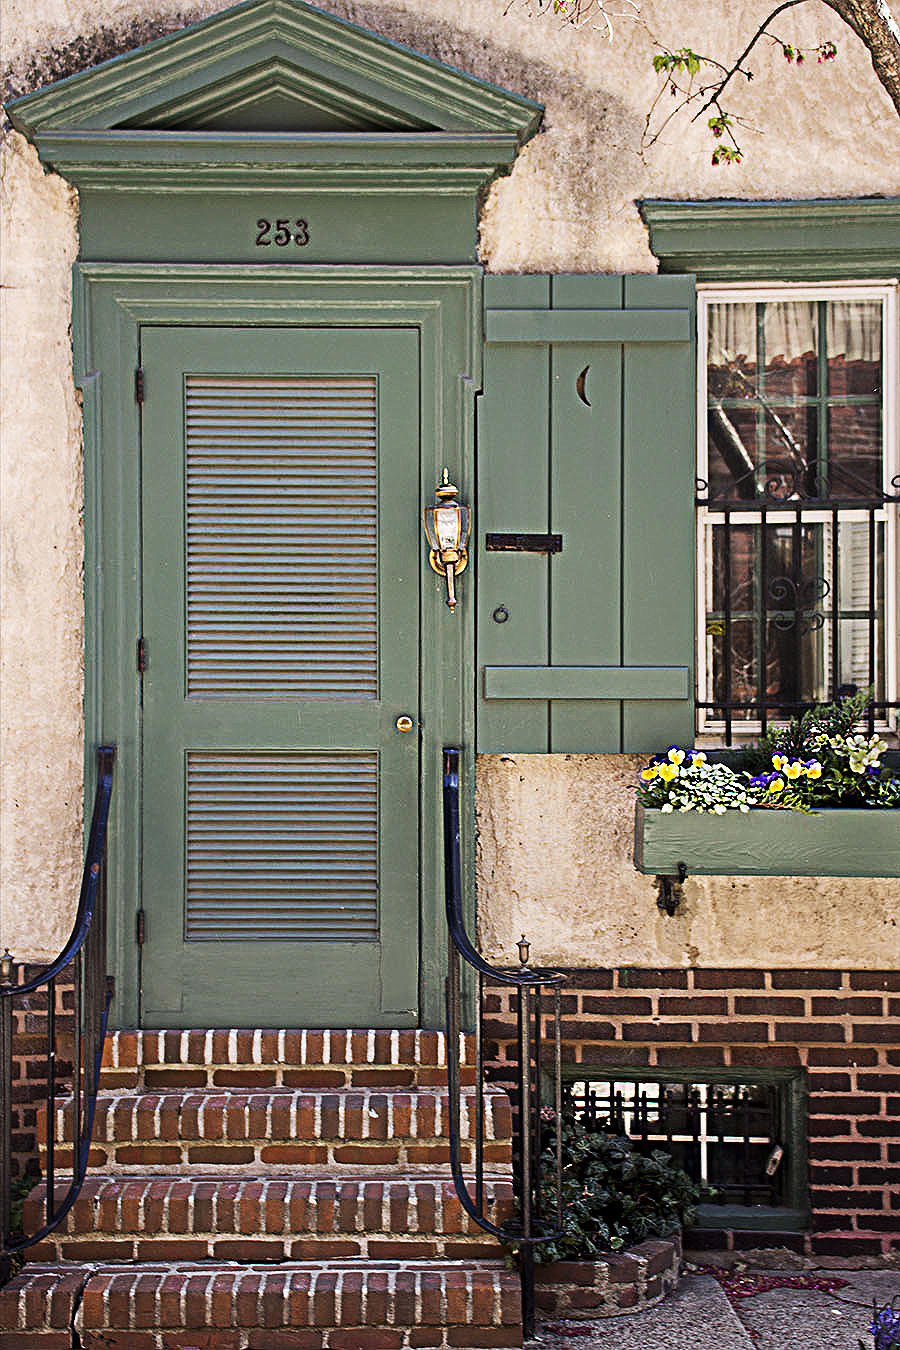 Carmen_Garcia_Gallego_Photography_Door_Green_Pastel_Two